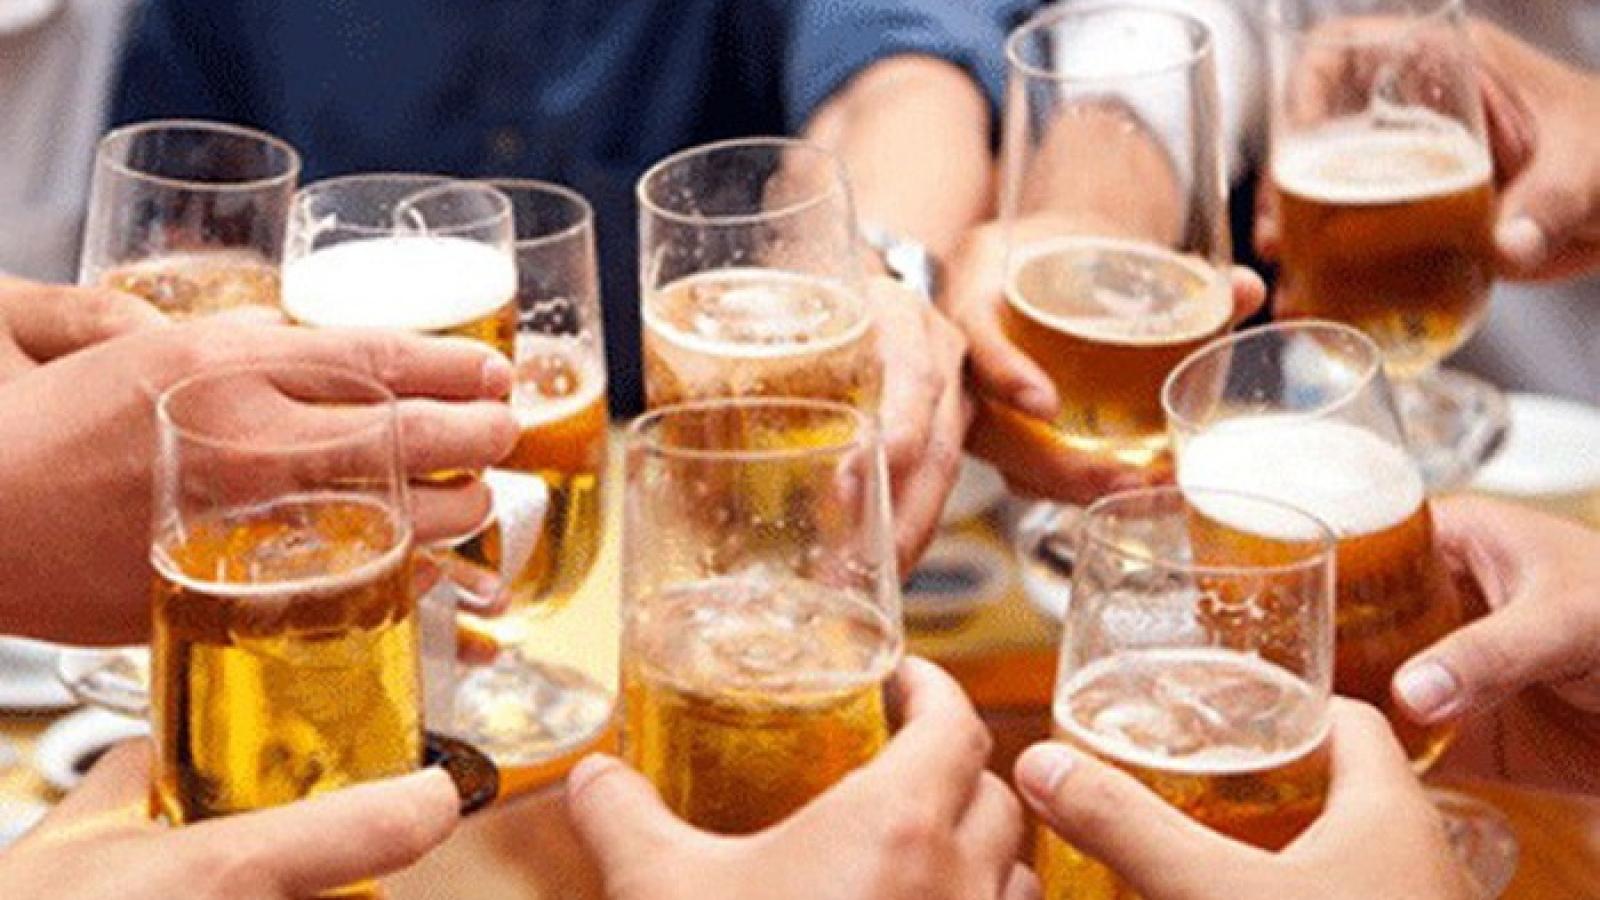 Phạt sếp để nhân viên uống rượu, bia trong giờ làm việc: Ai giám sát, ai phạt?